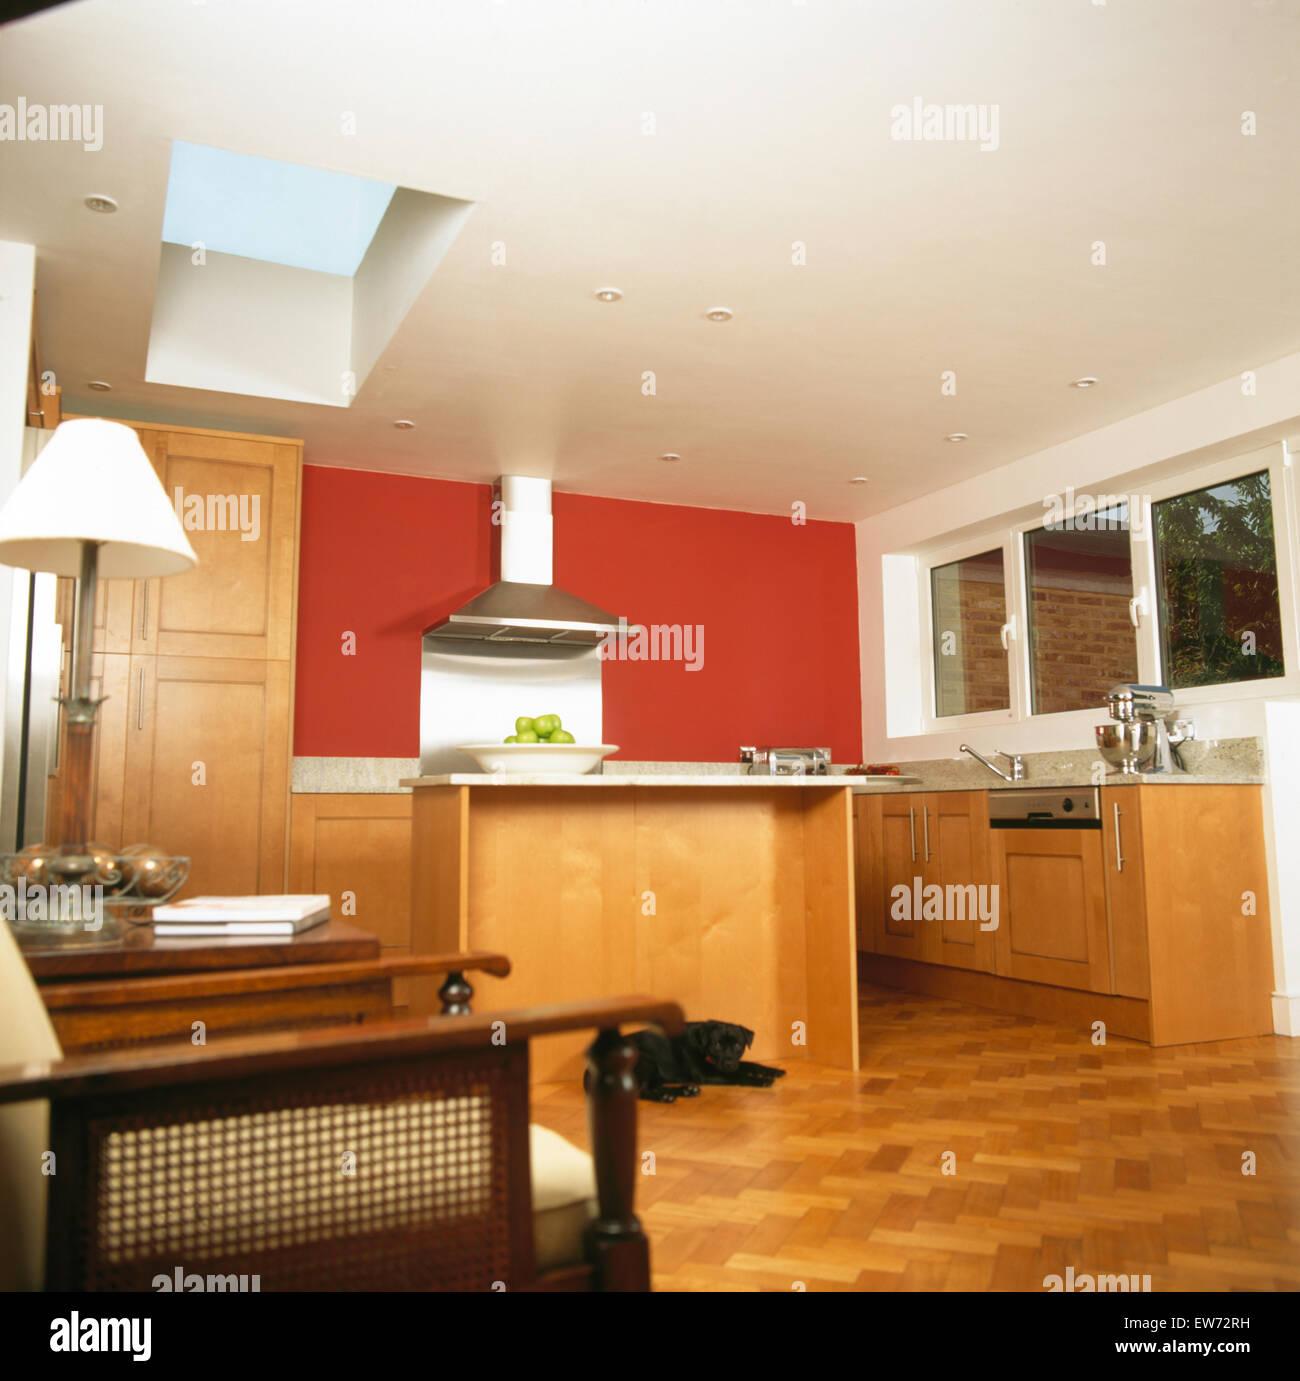 Ch O Em Parquet Na Cozinha Moderna Extens O Com Parede Vermelha E